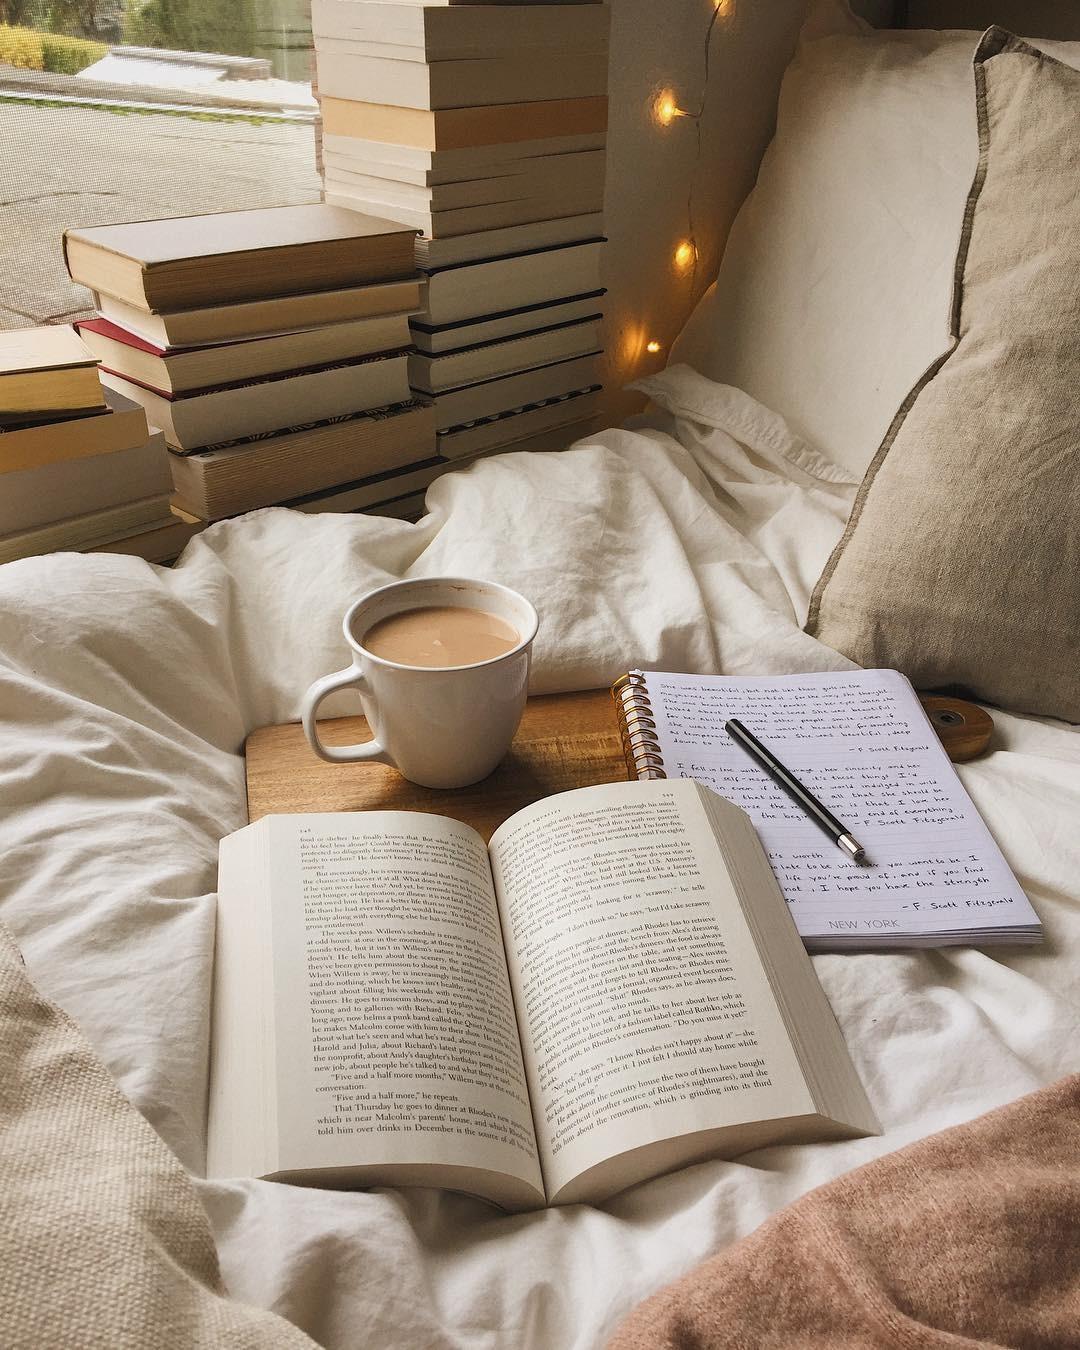 Dicas de livros para setembro (Foto: Reprodução/Instagram/perksoftales)